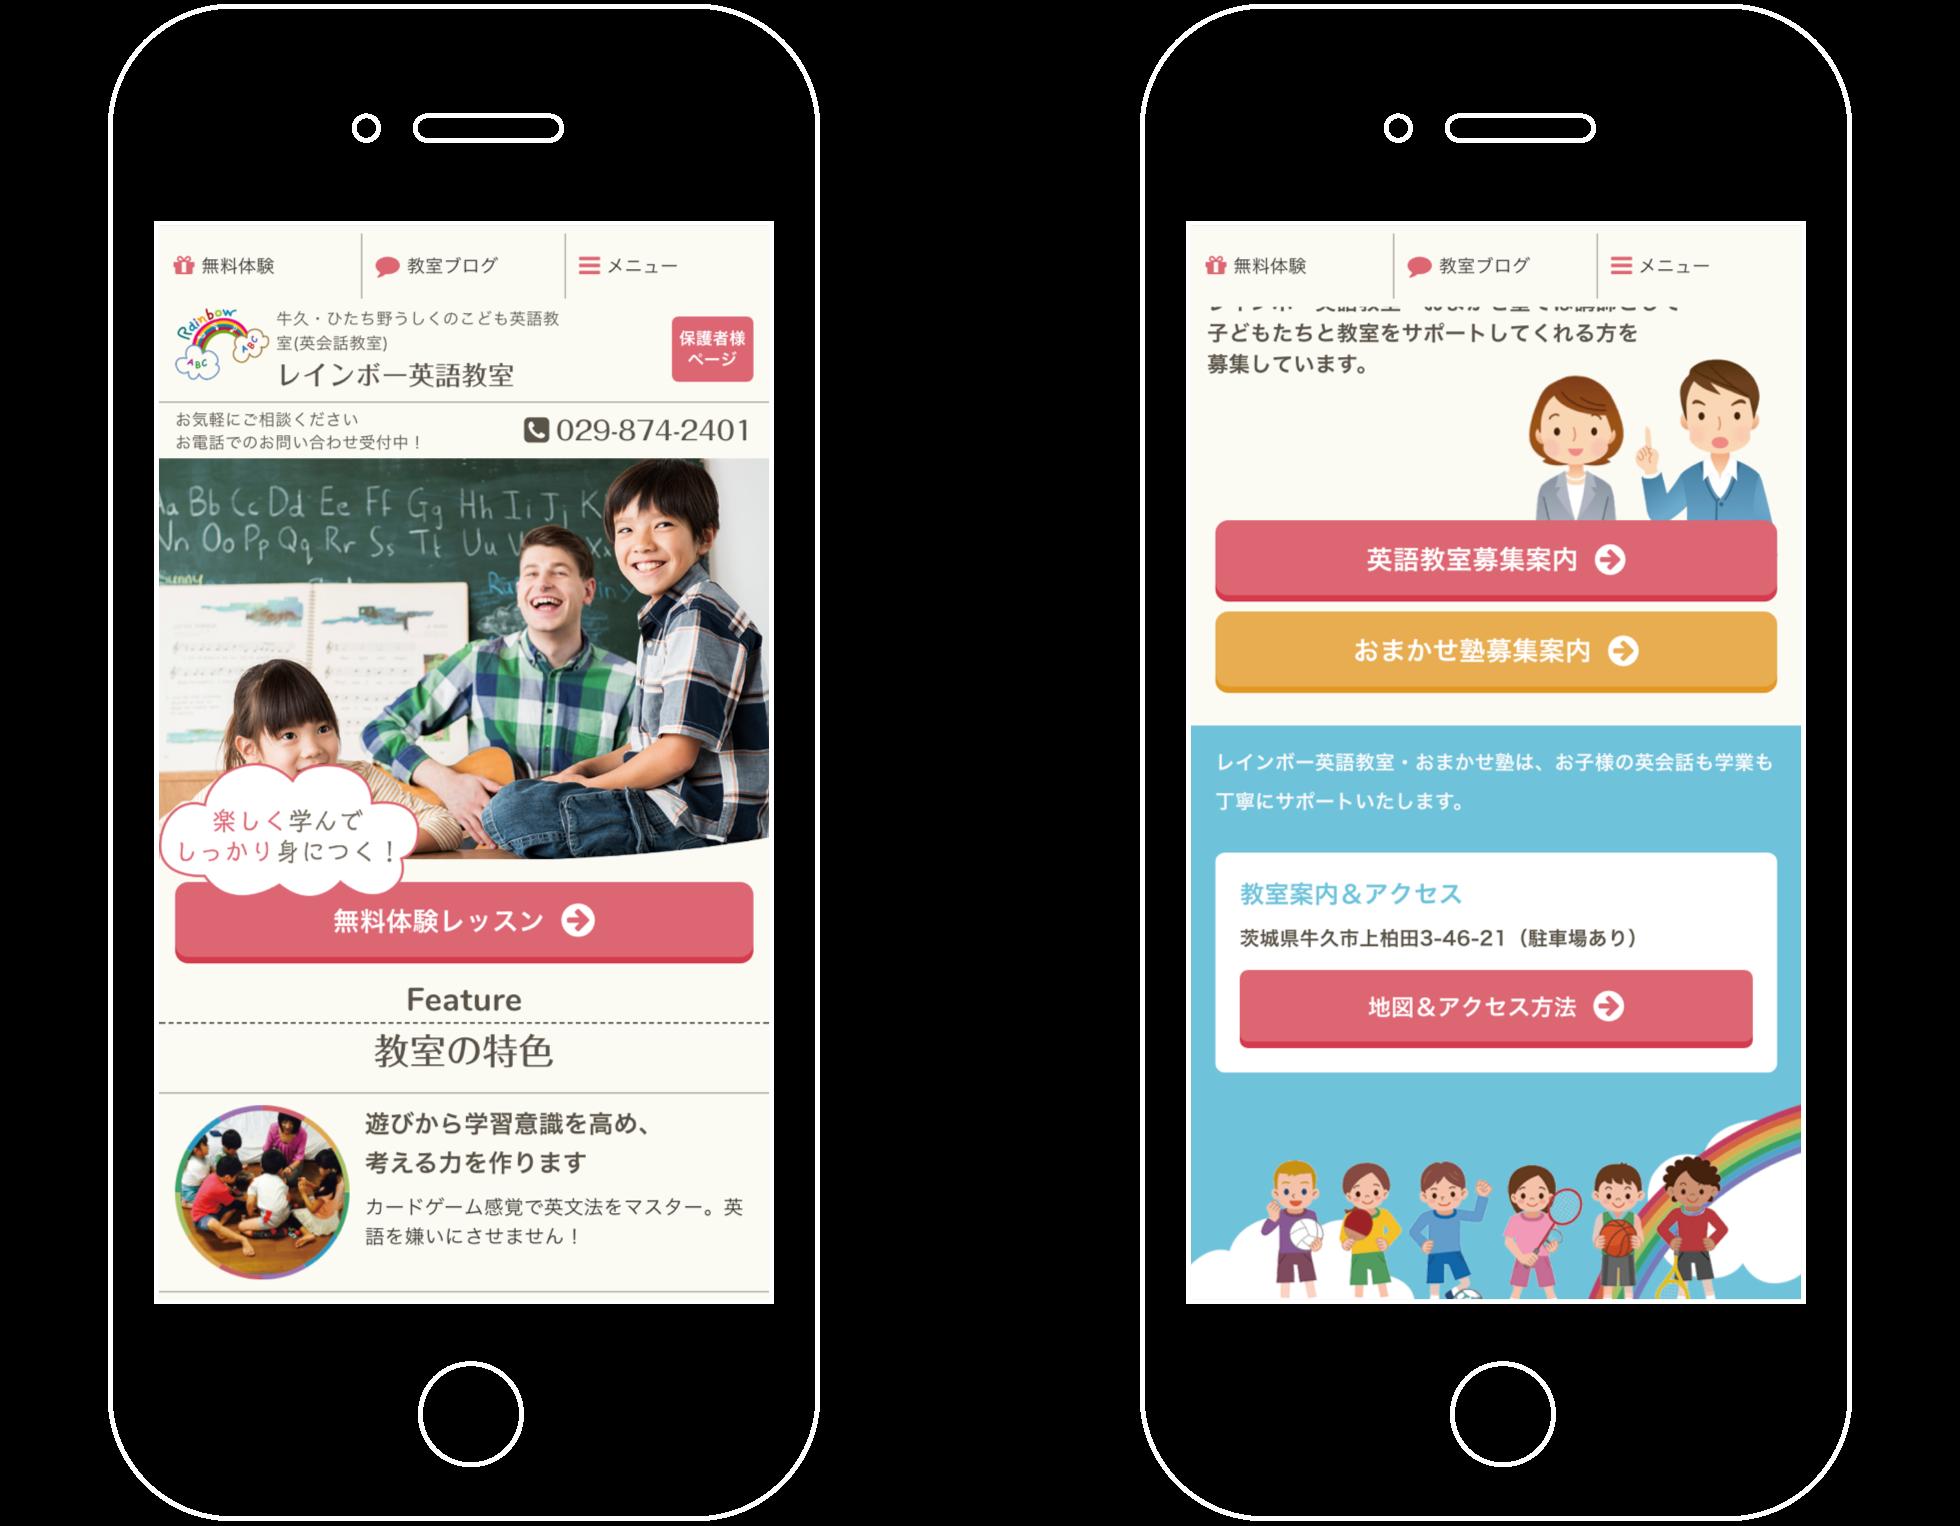 レインボー英語教室のスマートフォン版トップページのスクリーンショット